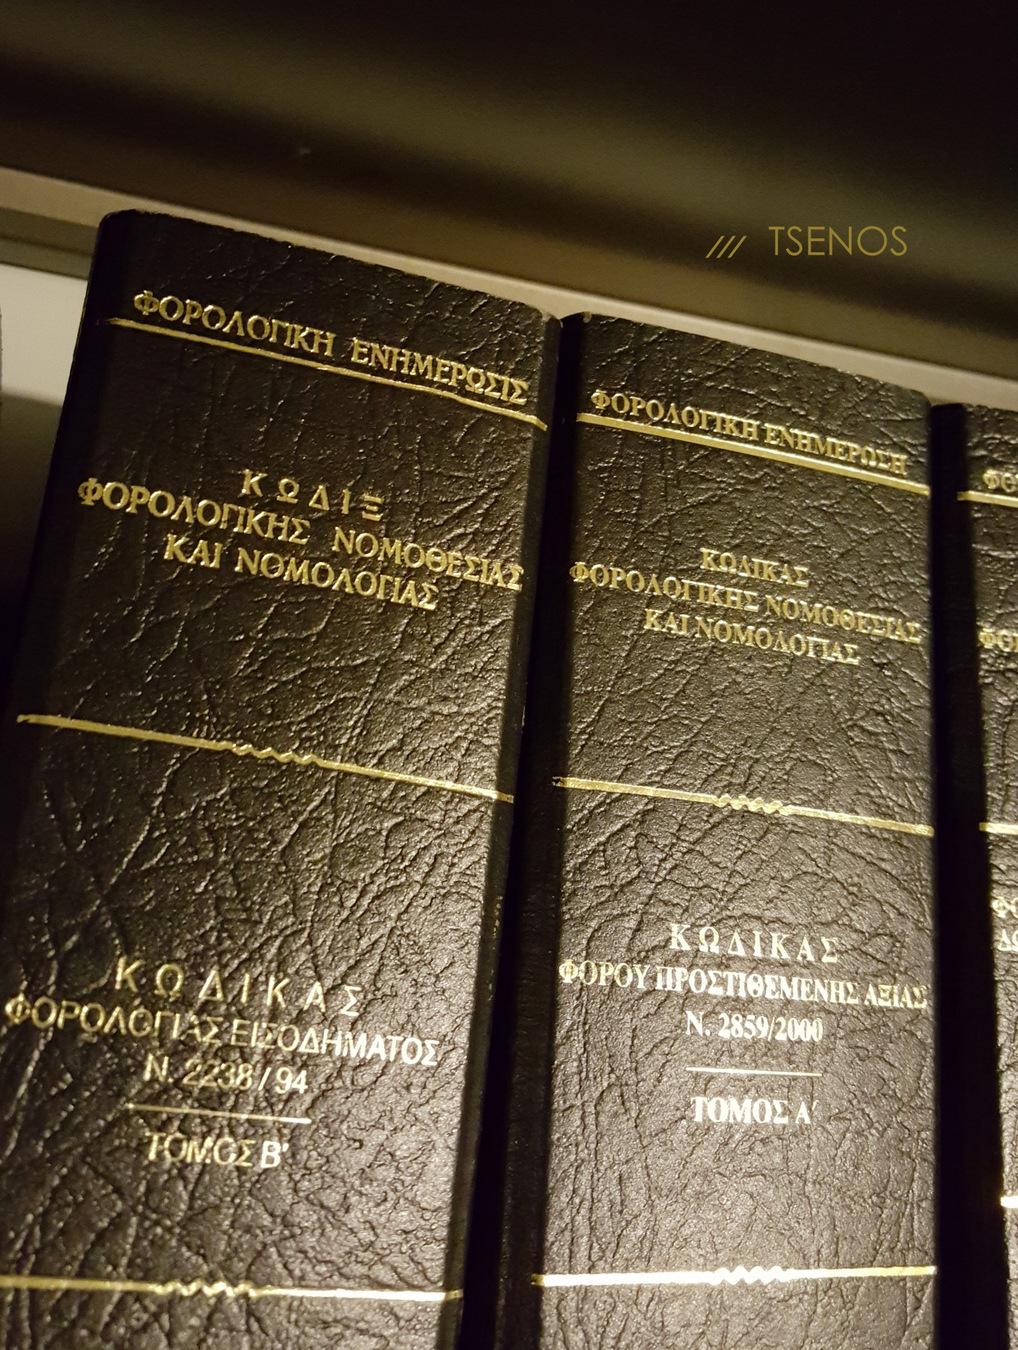 Στο σχέδιο Νόμου που κατατέθηκε λύνεται το θέμα φορολόγησης των περιστασιακά απασχολούμενων